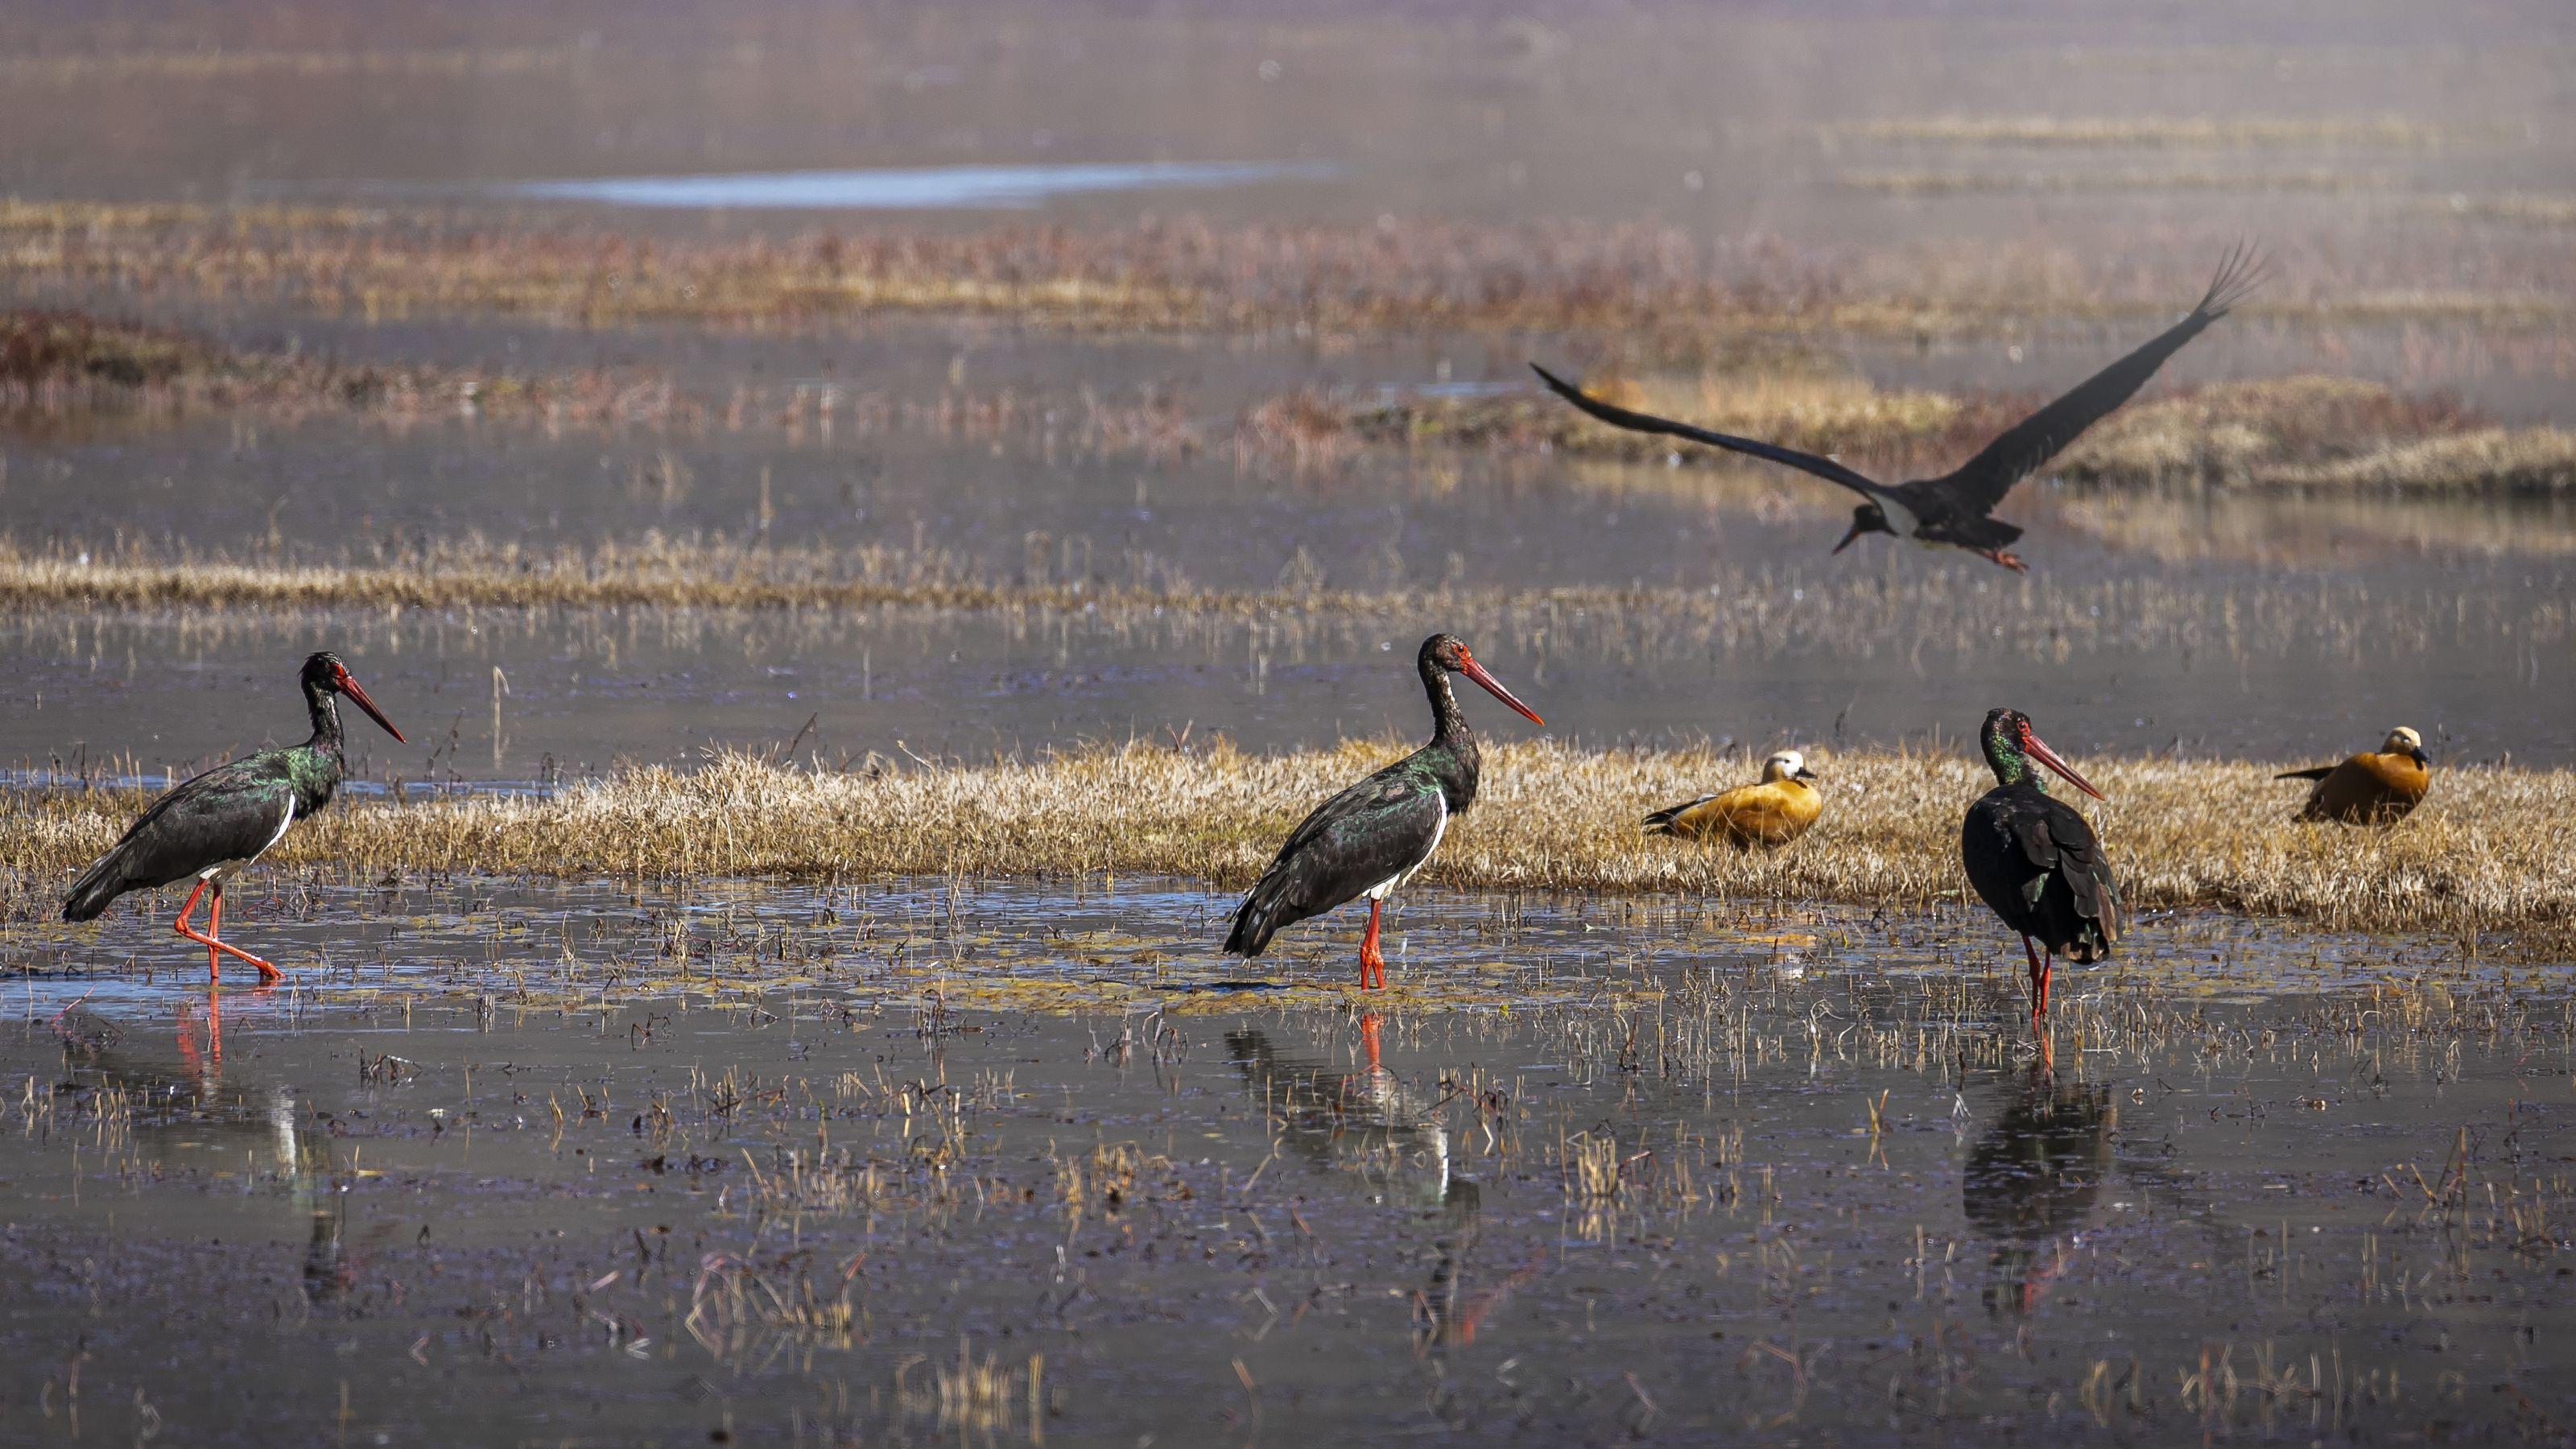 чёрный аист, птицы, birds, black stork, Токарев Олег